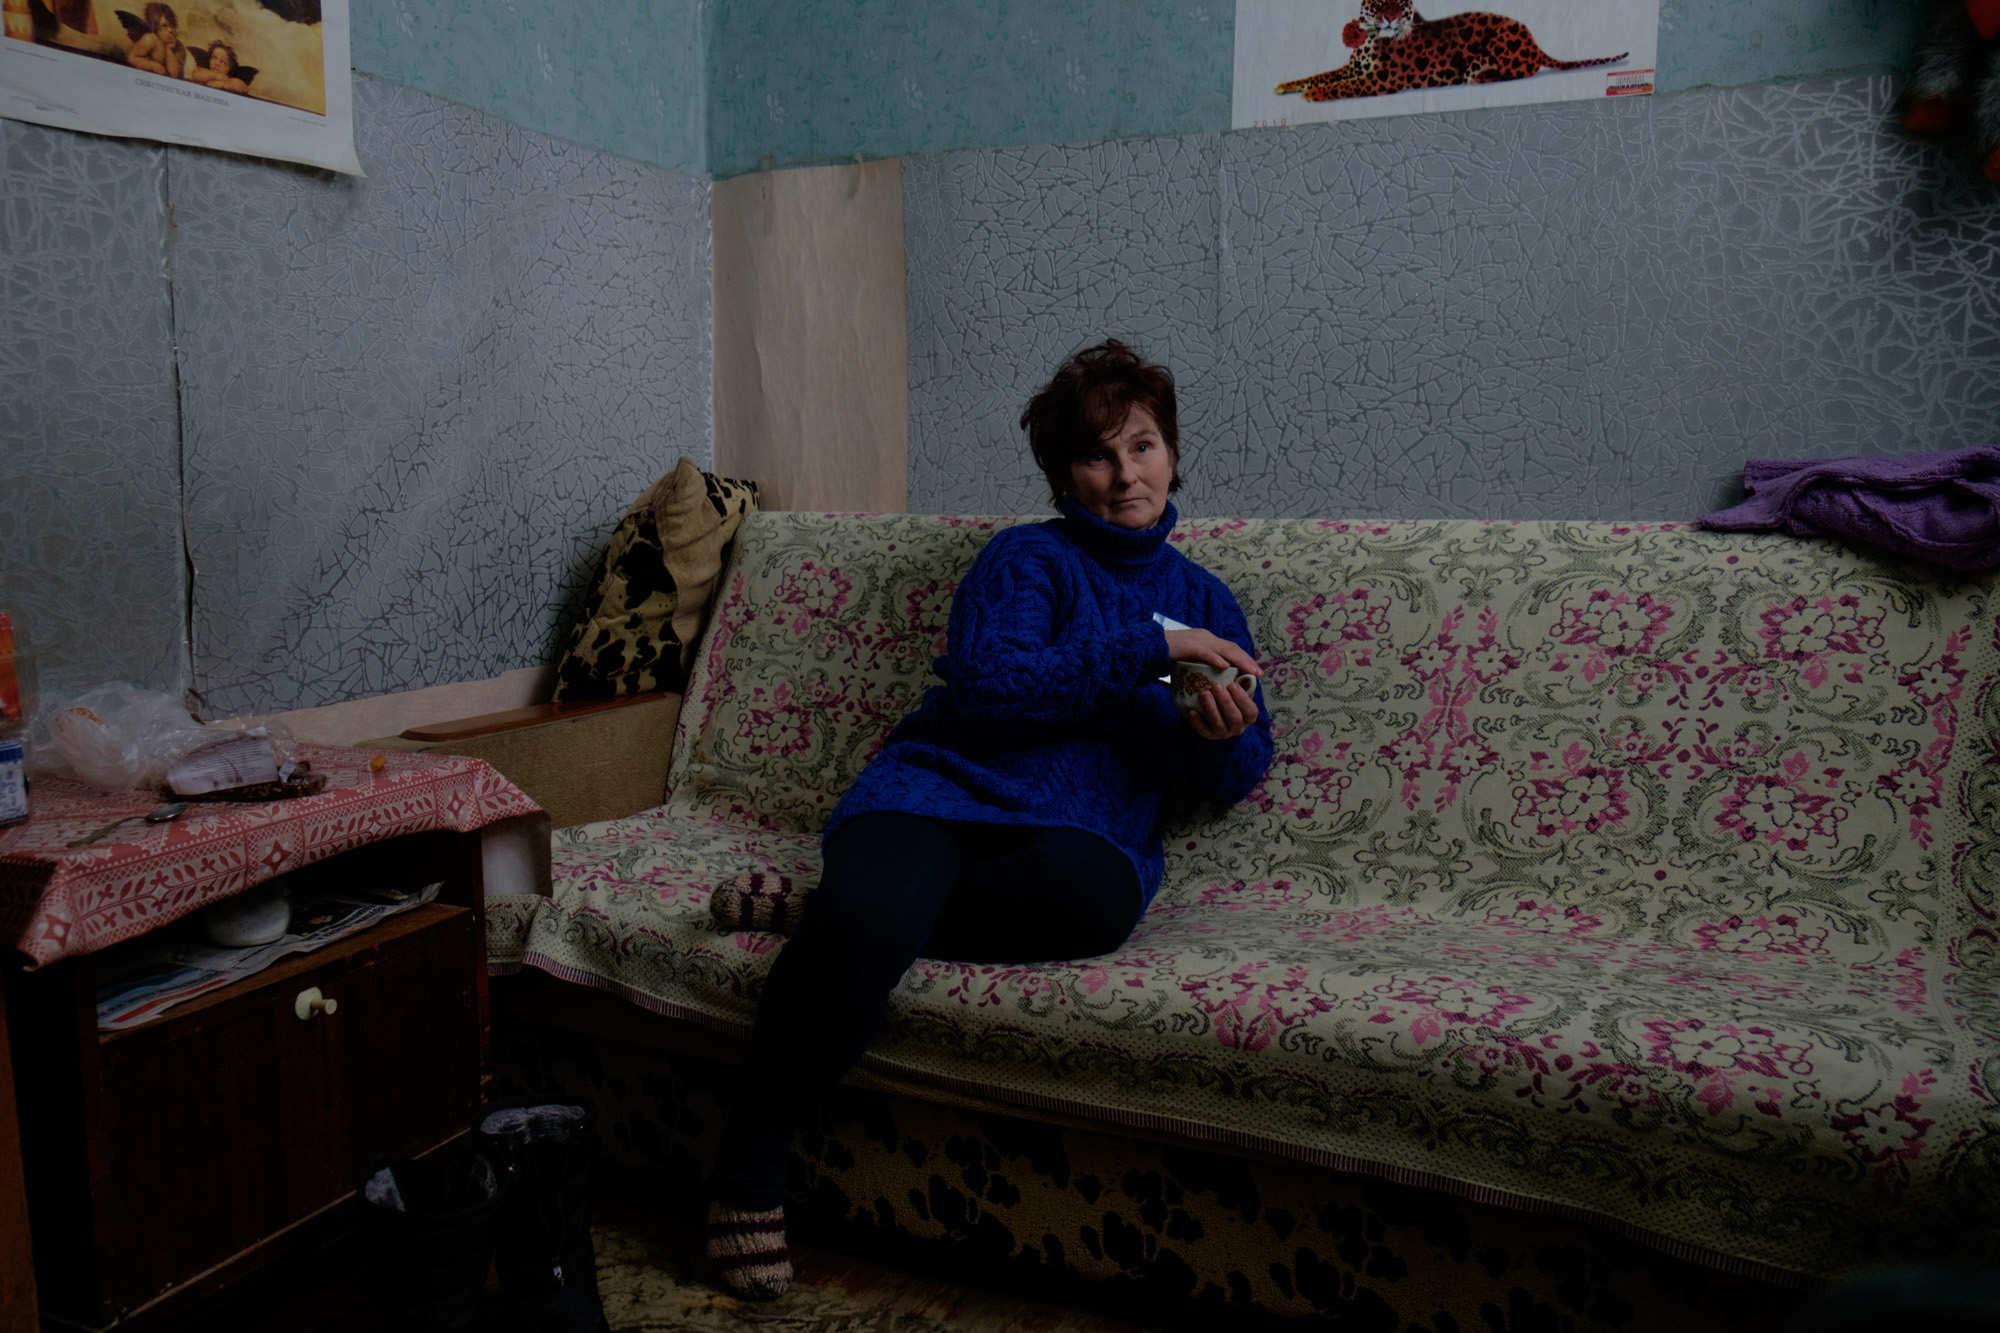 Татьяна Александровна 10 лет отработала поваром на грузовом судне: «26 апреля, когда взорвался Чернобыль, мы как раз были в рейсе. Я стою на палубе, смотрю в бинокль на радиоактивное облако и думаю, что, наверное, будет дождь. Грузовые судна не переставали курсировать по реке. Когда мы шли через эту территорию пустые, люди запрыгивали к нам на баржи, спасались, как могли. Где-то в мае меня положили в больницу на капельницы — облучилась».